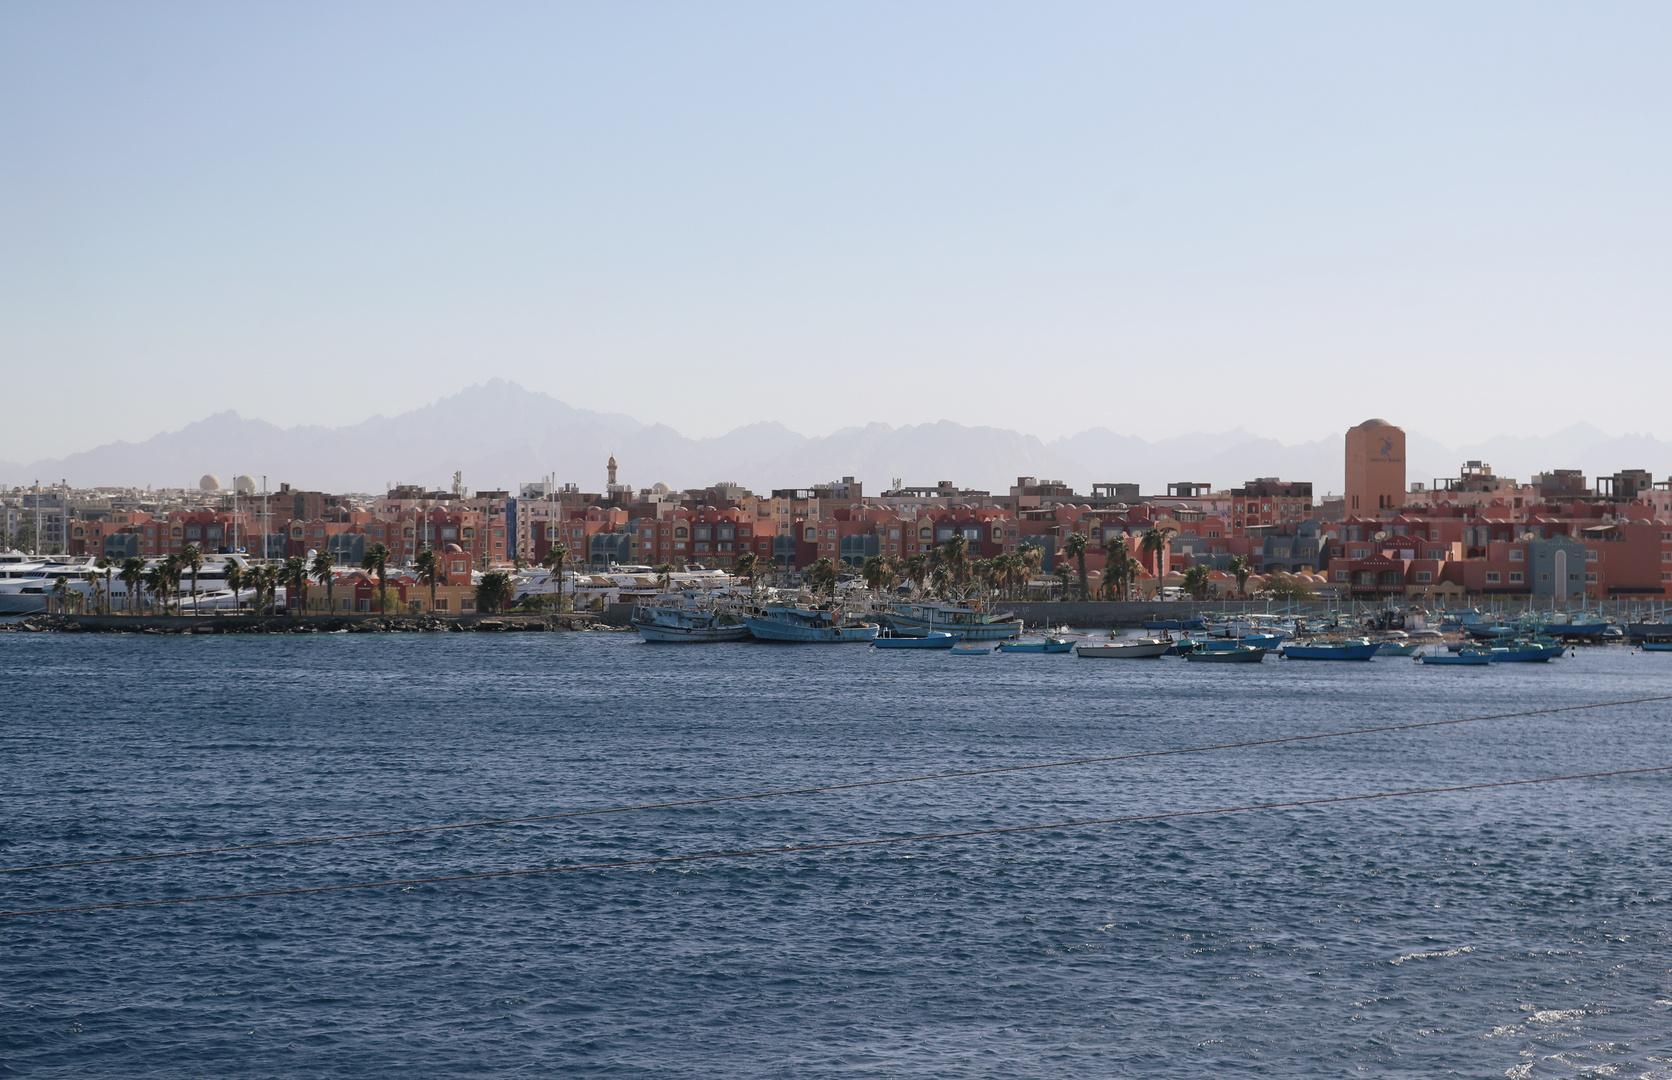 مصر..إغلاق ميناء الغردقة البحري بسبب سوء الأحوال الجوية